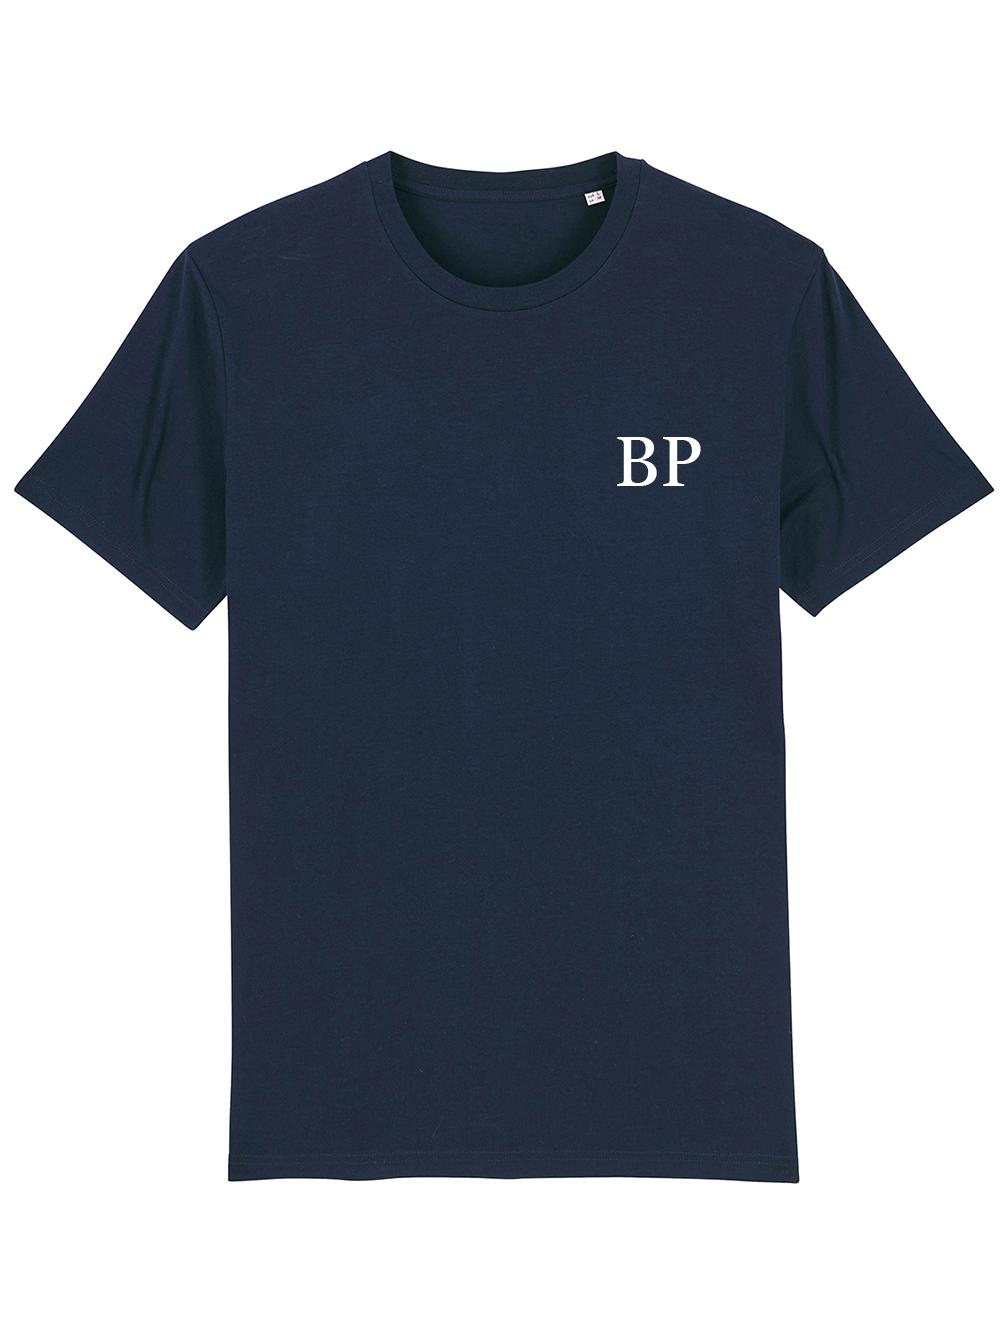 Mens Initial Tshirt – Navy